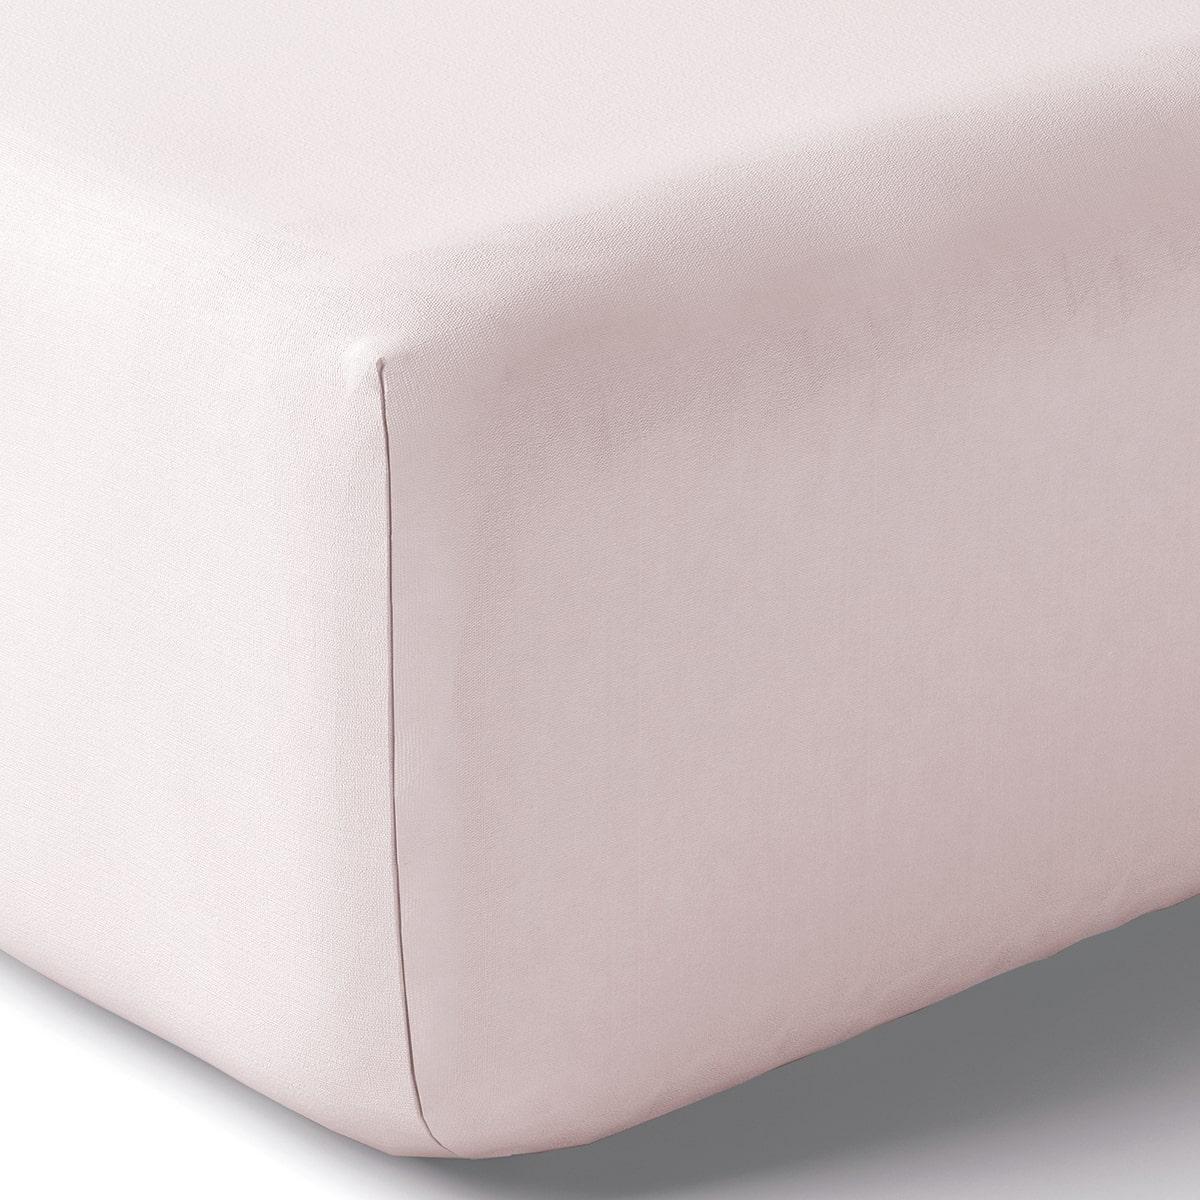 Drap housse coton 180x200 cm ecaille